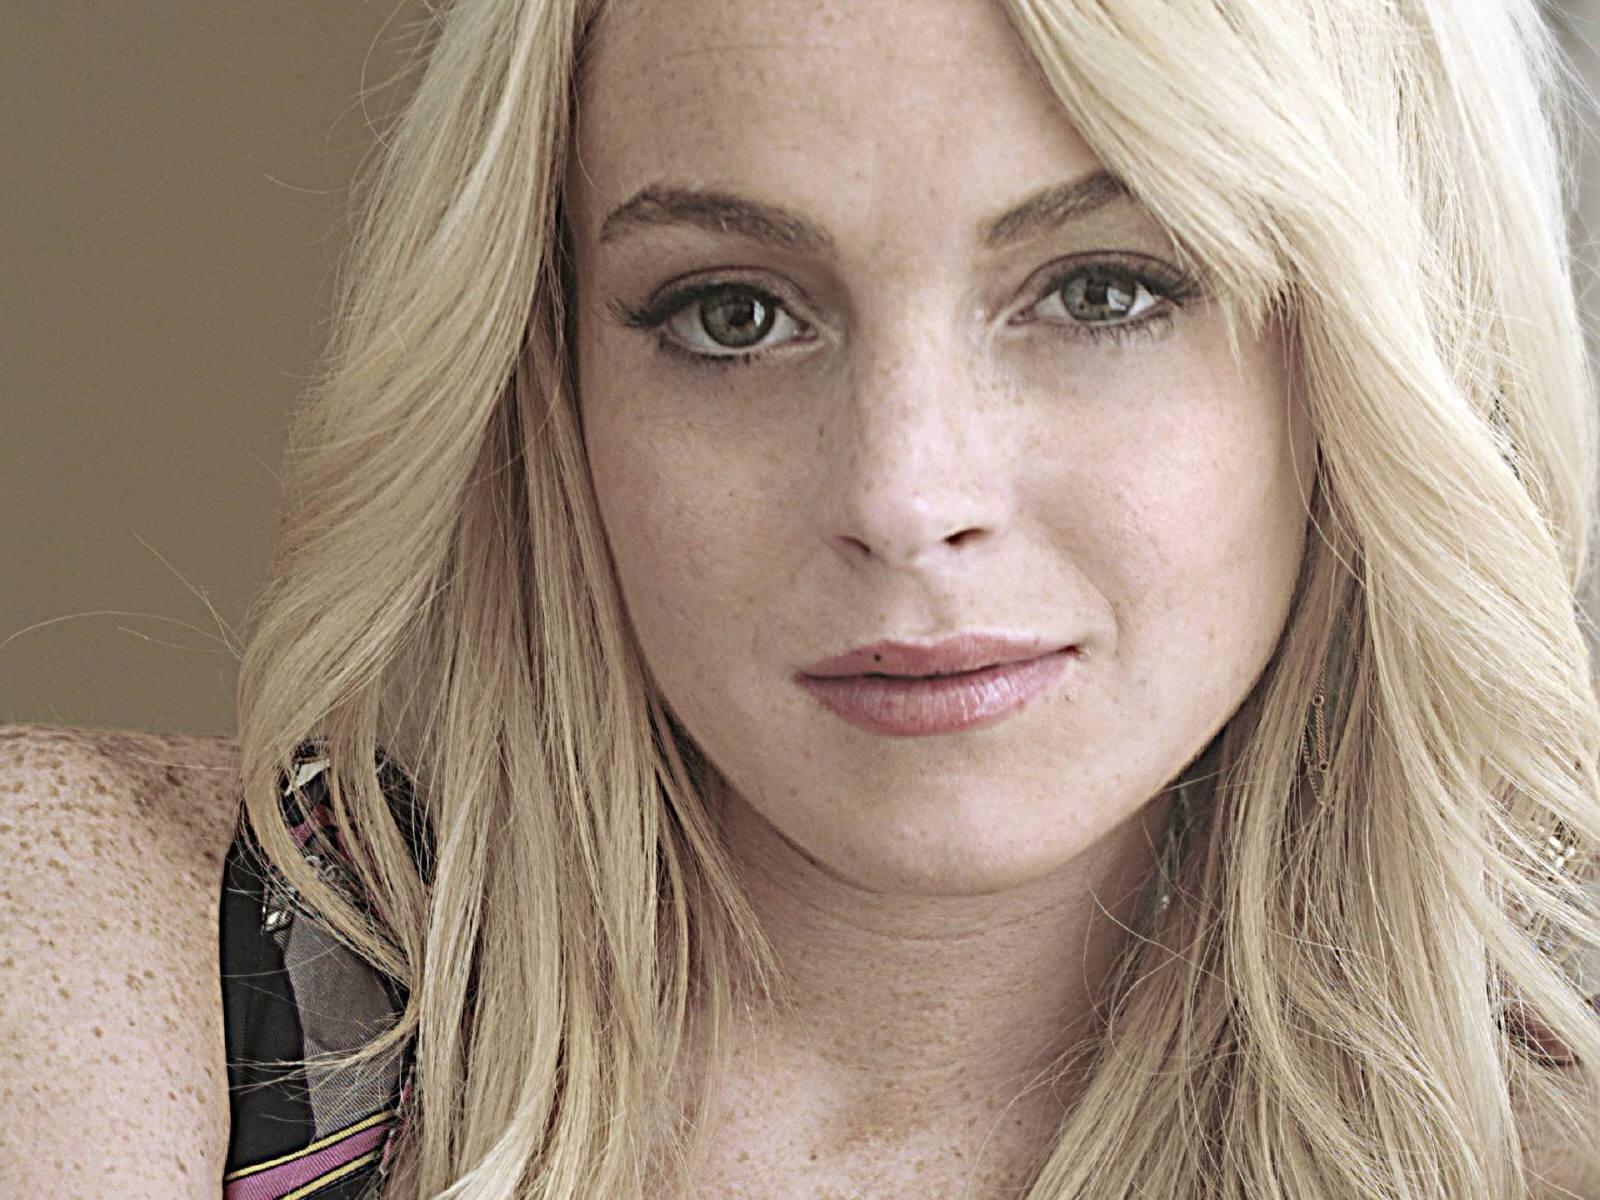 Wallpaper di Lindsay Lohan in un'espressione riflessiva